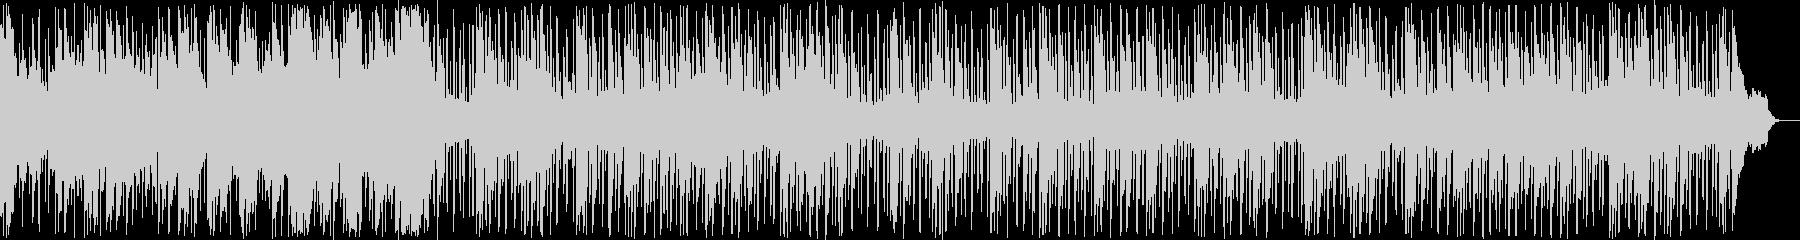 シンセ、エレクトリックピアノ、ドラ...の未再生の波形